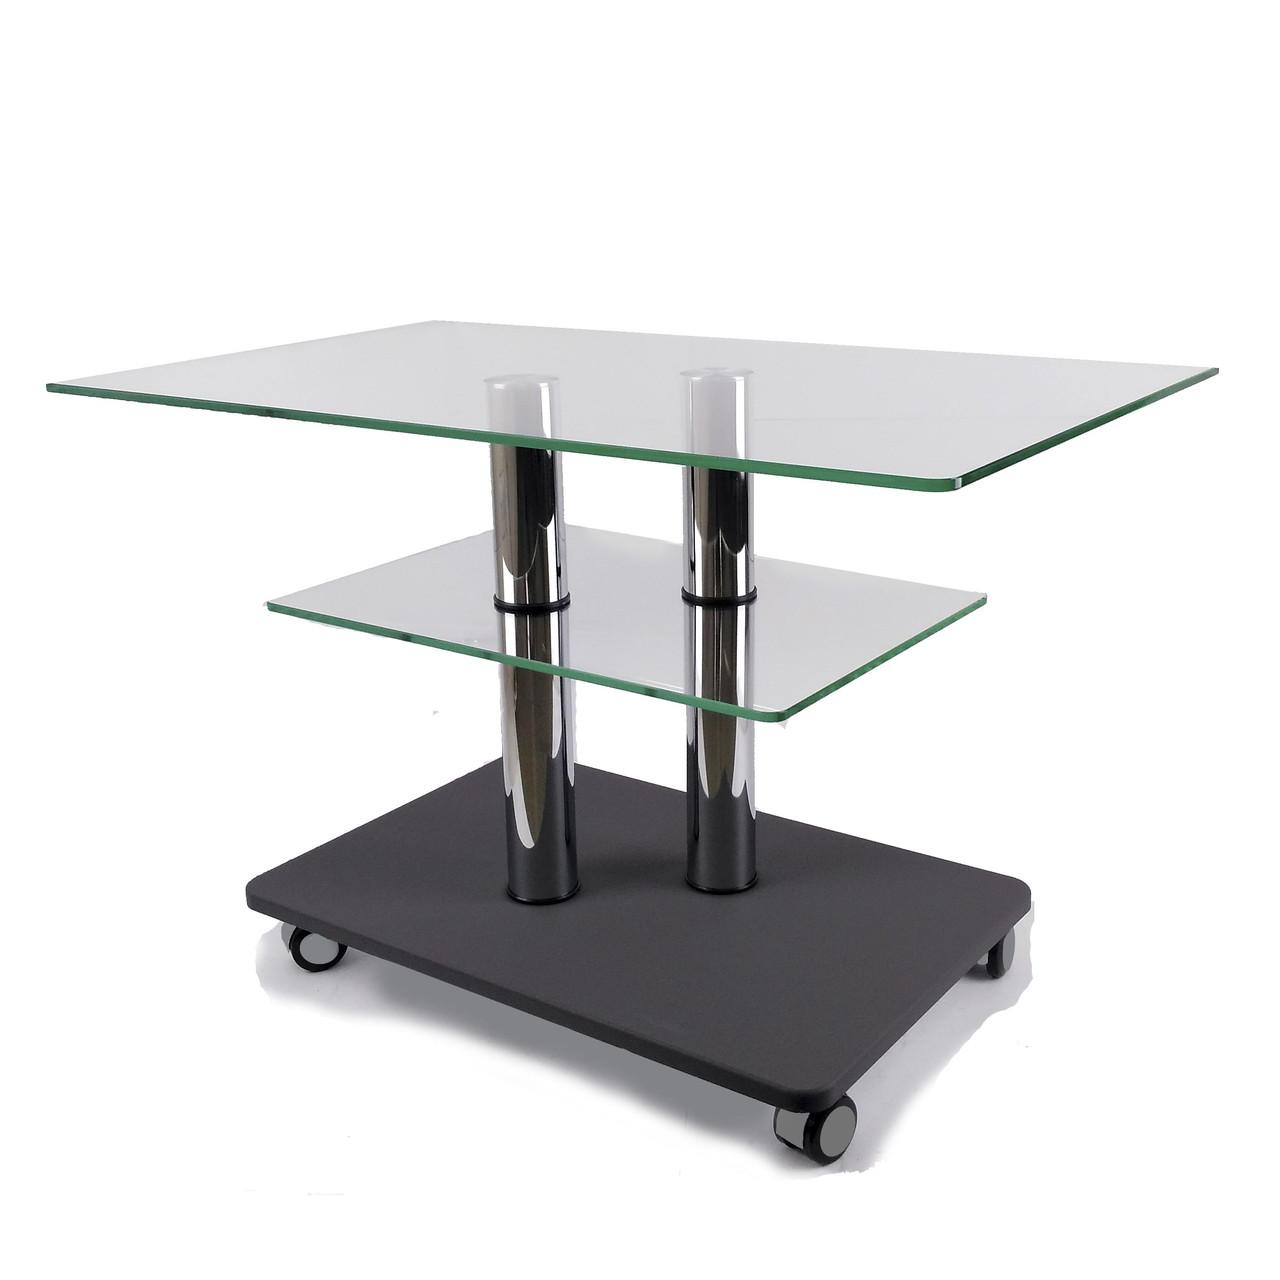 Стеклянный журнальный стол прямоугольный Commus Bravo Max P cc-gray-2chr60